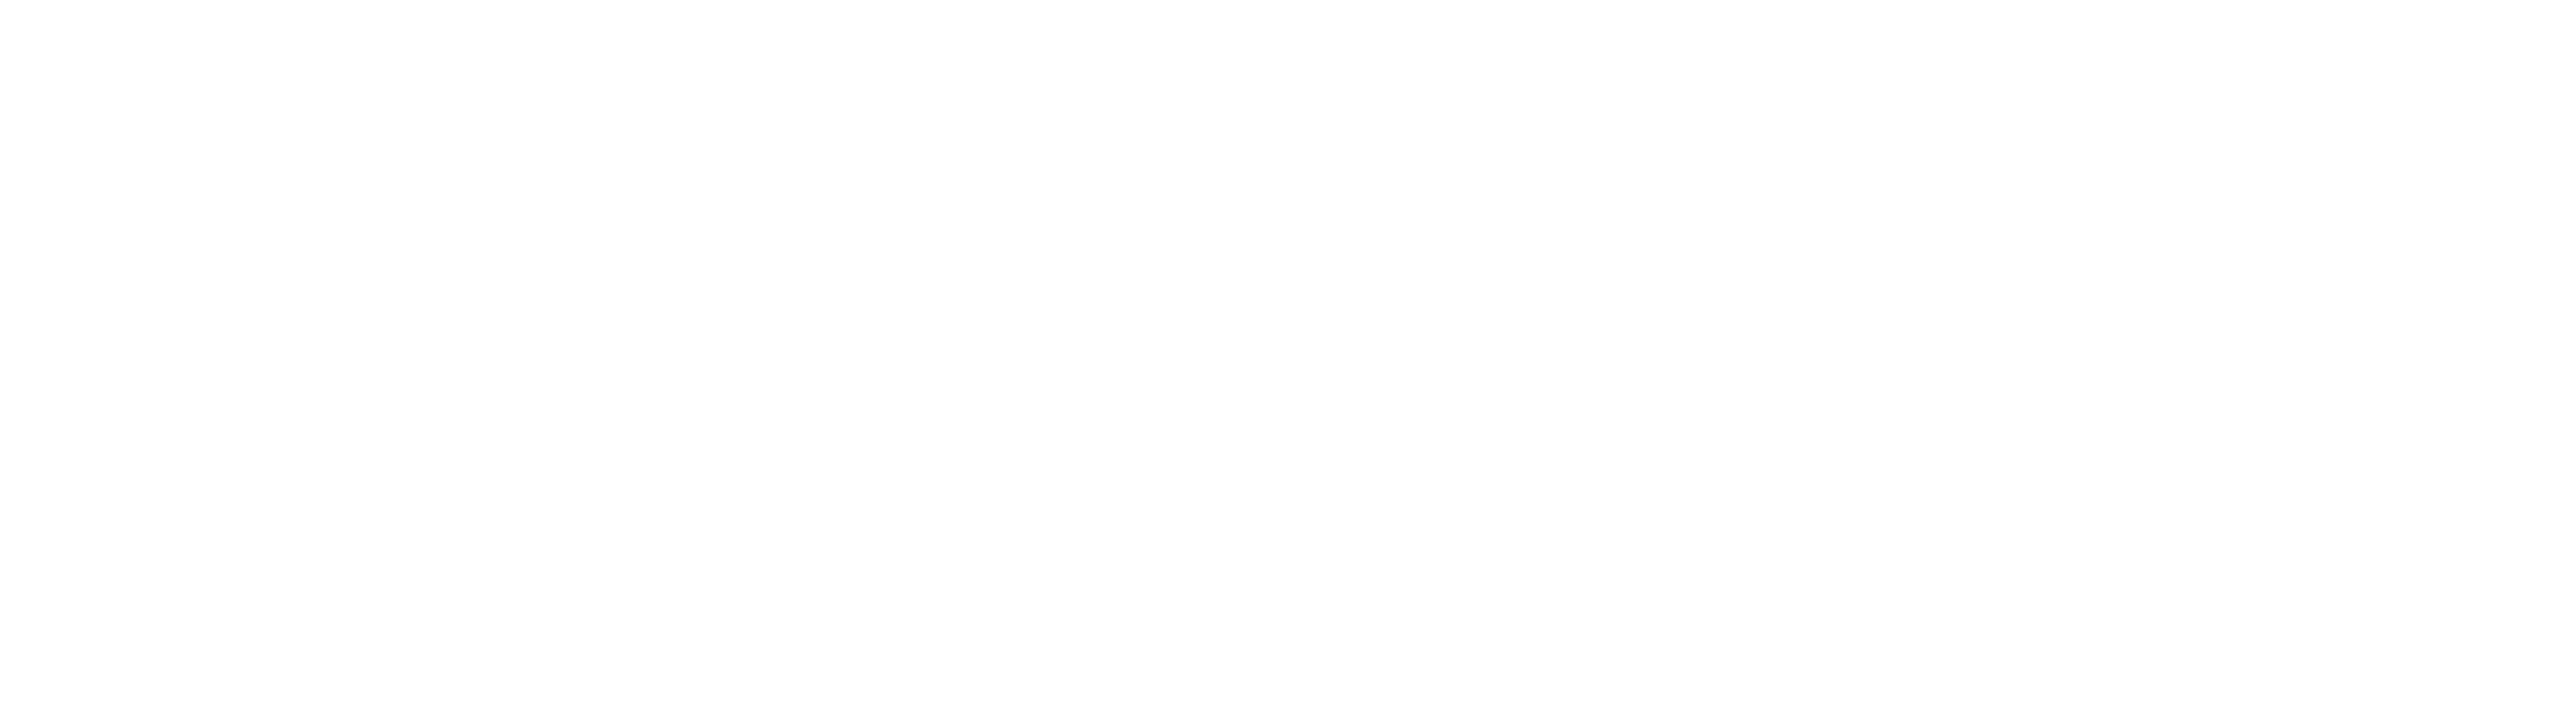 WW_Pascual_Larrieta